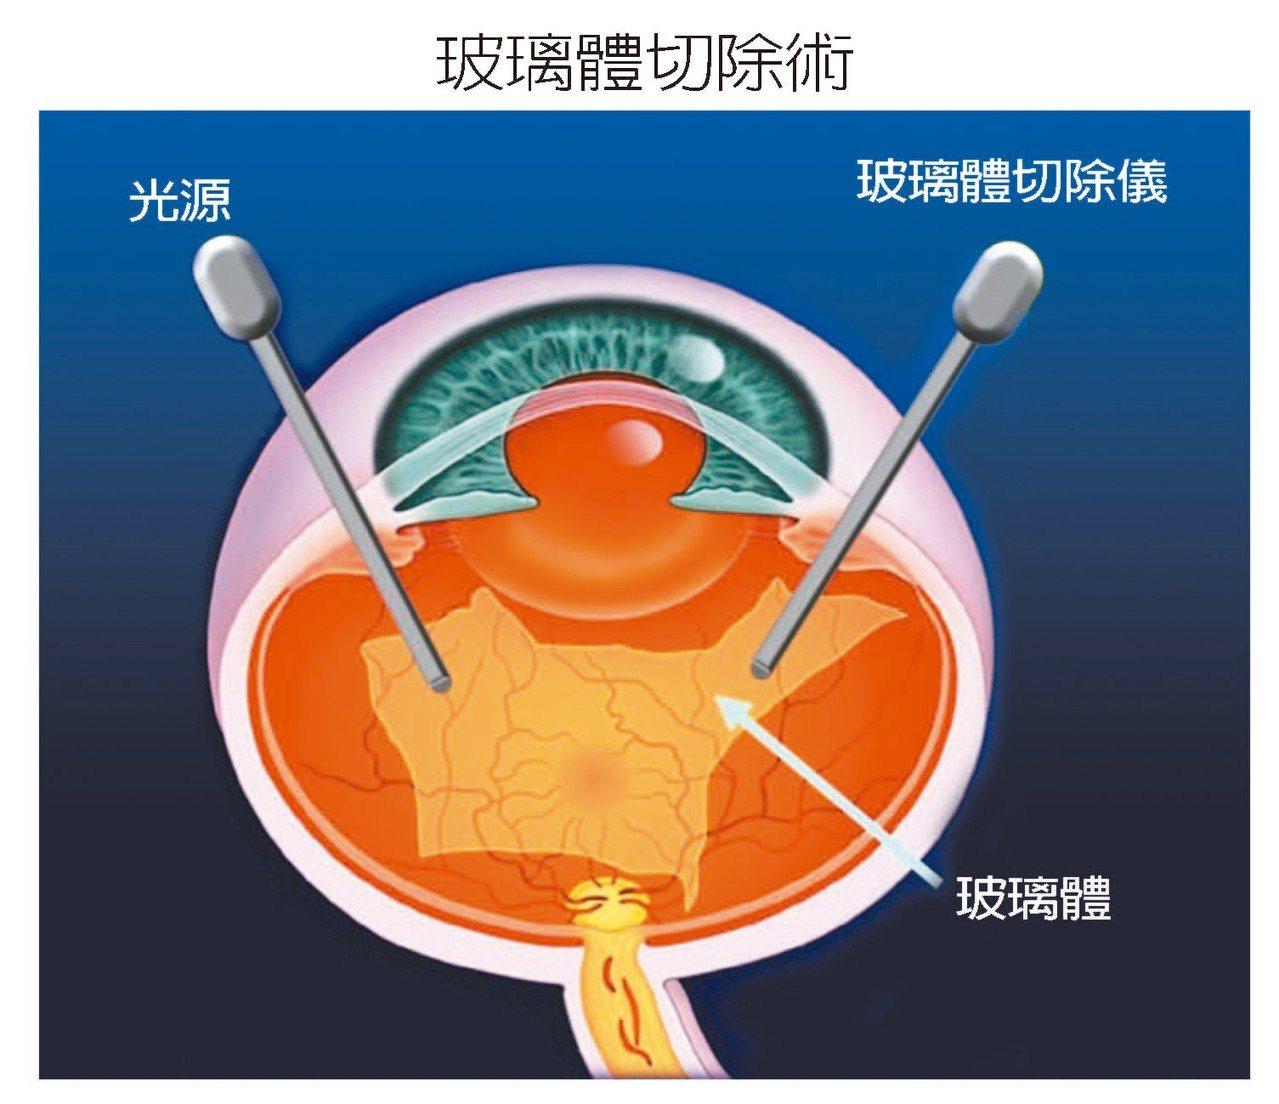 視網膜剝離必須透過玻璃體切除手術,才能讓視網膜復位。 圖/陳瑩山醫師提供